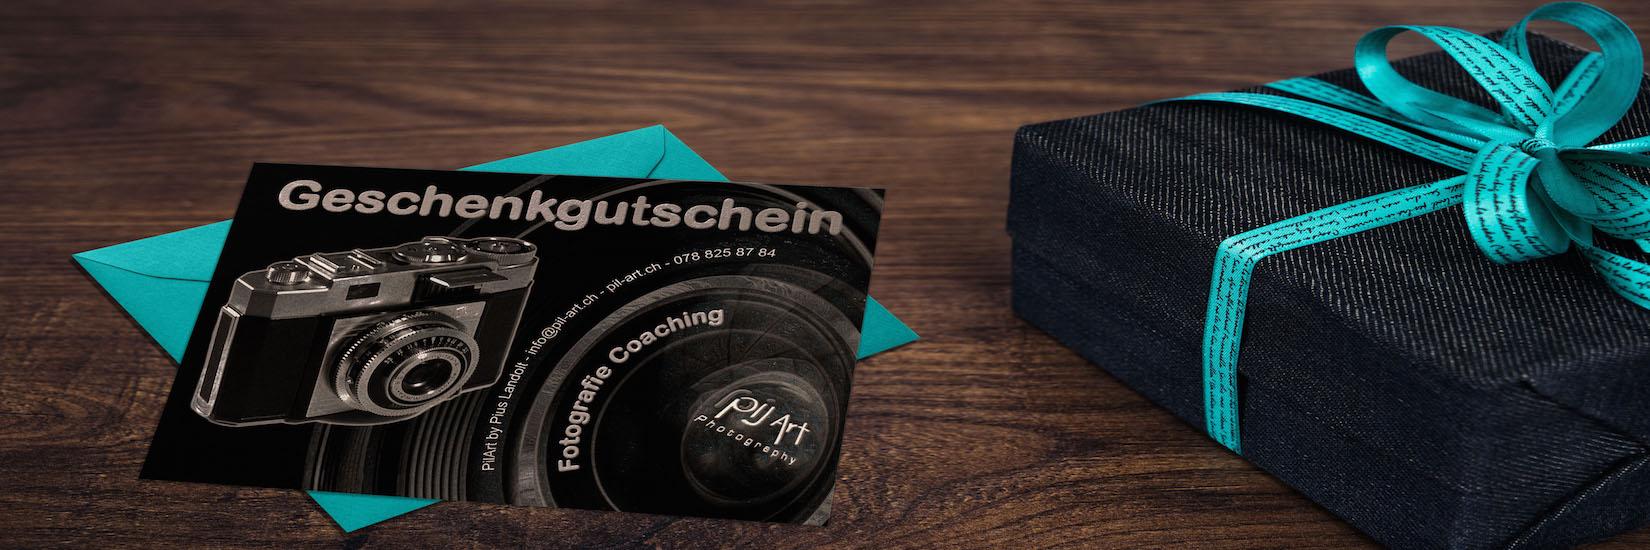 Fotografie Geschenk Gutschein privat training fotokurs Coaching adobe lightroom photoshop Geschenkgutschein